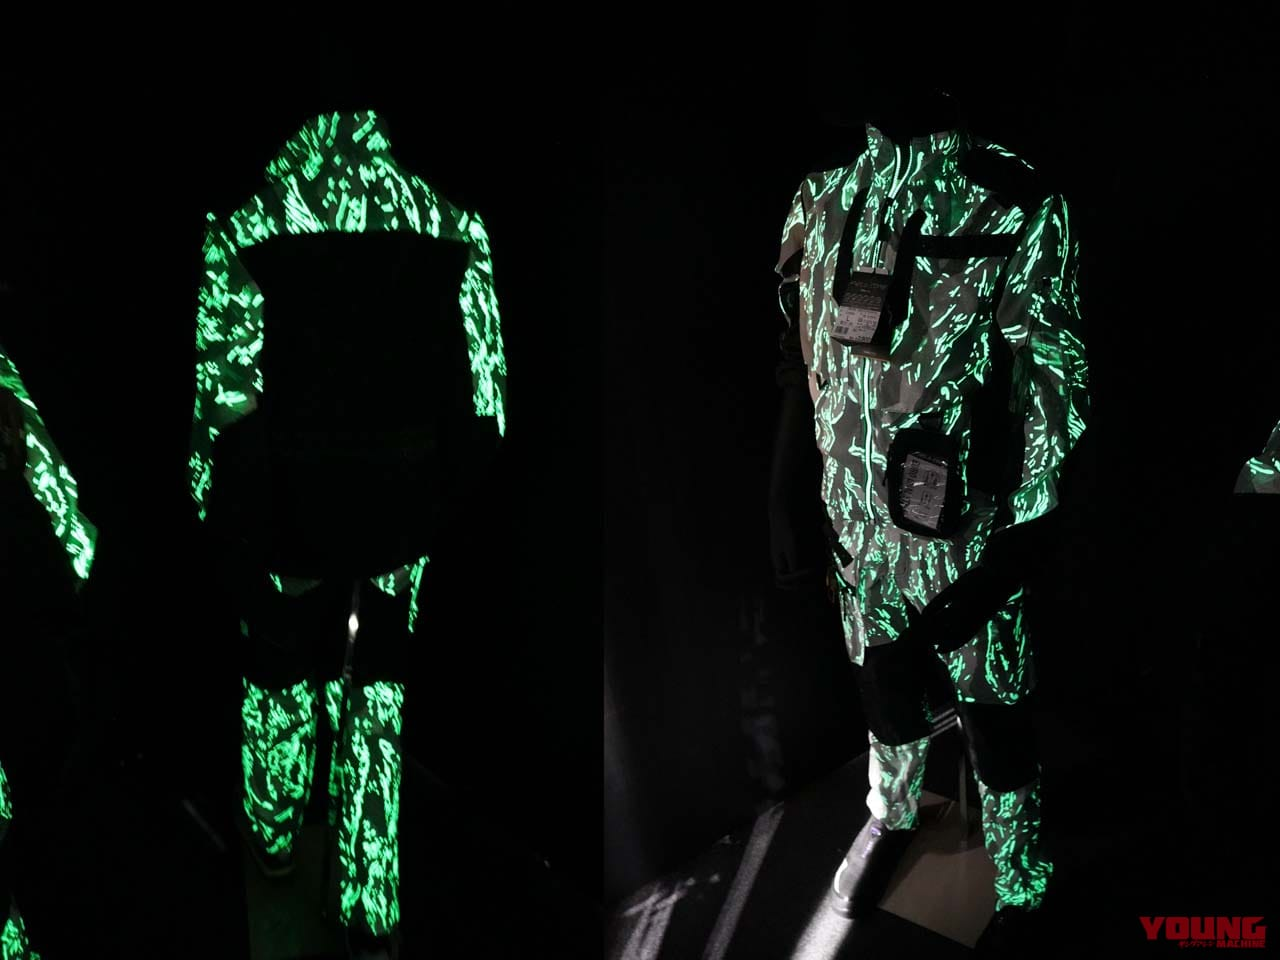 ワークマン2020年春夏モデル、コーデュラユーロデュアルジャケットほか